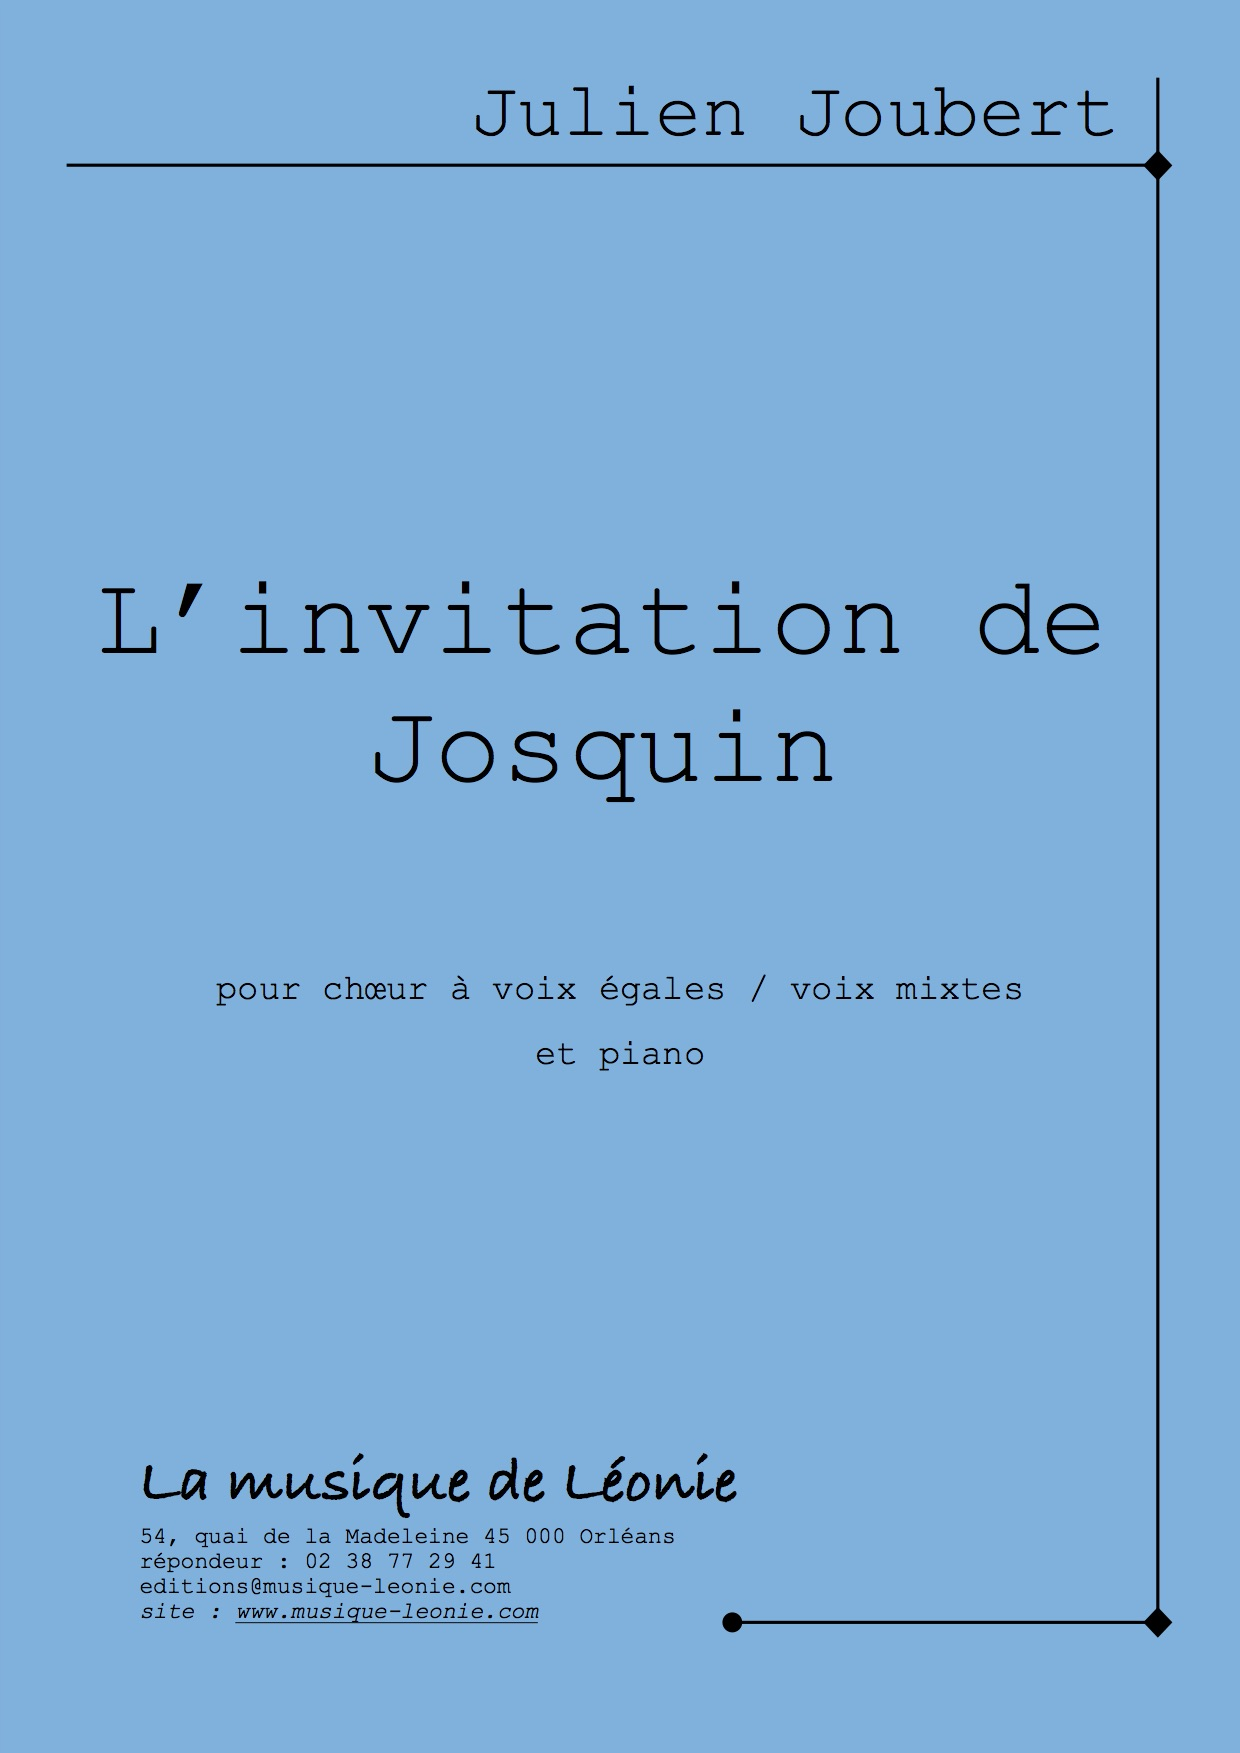 L Invitation De Josquin Julien Joubert